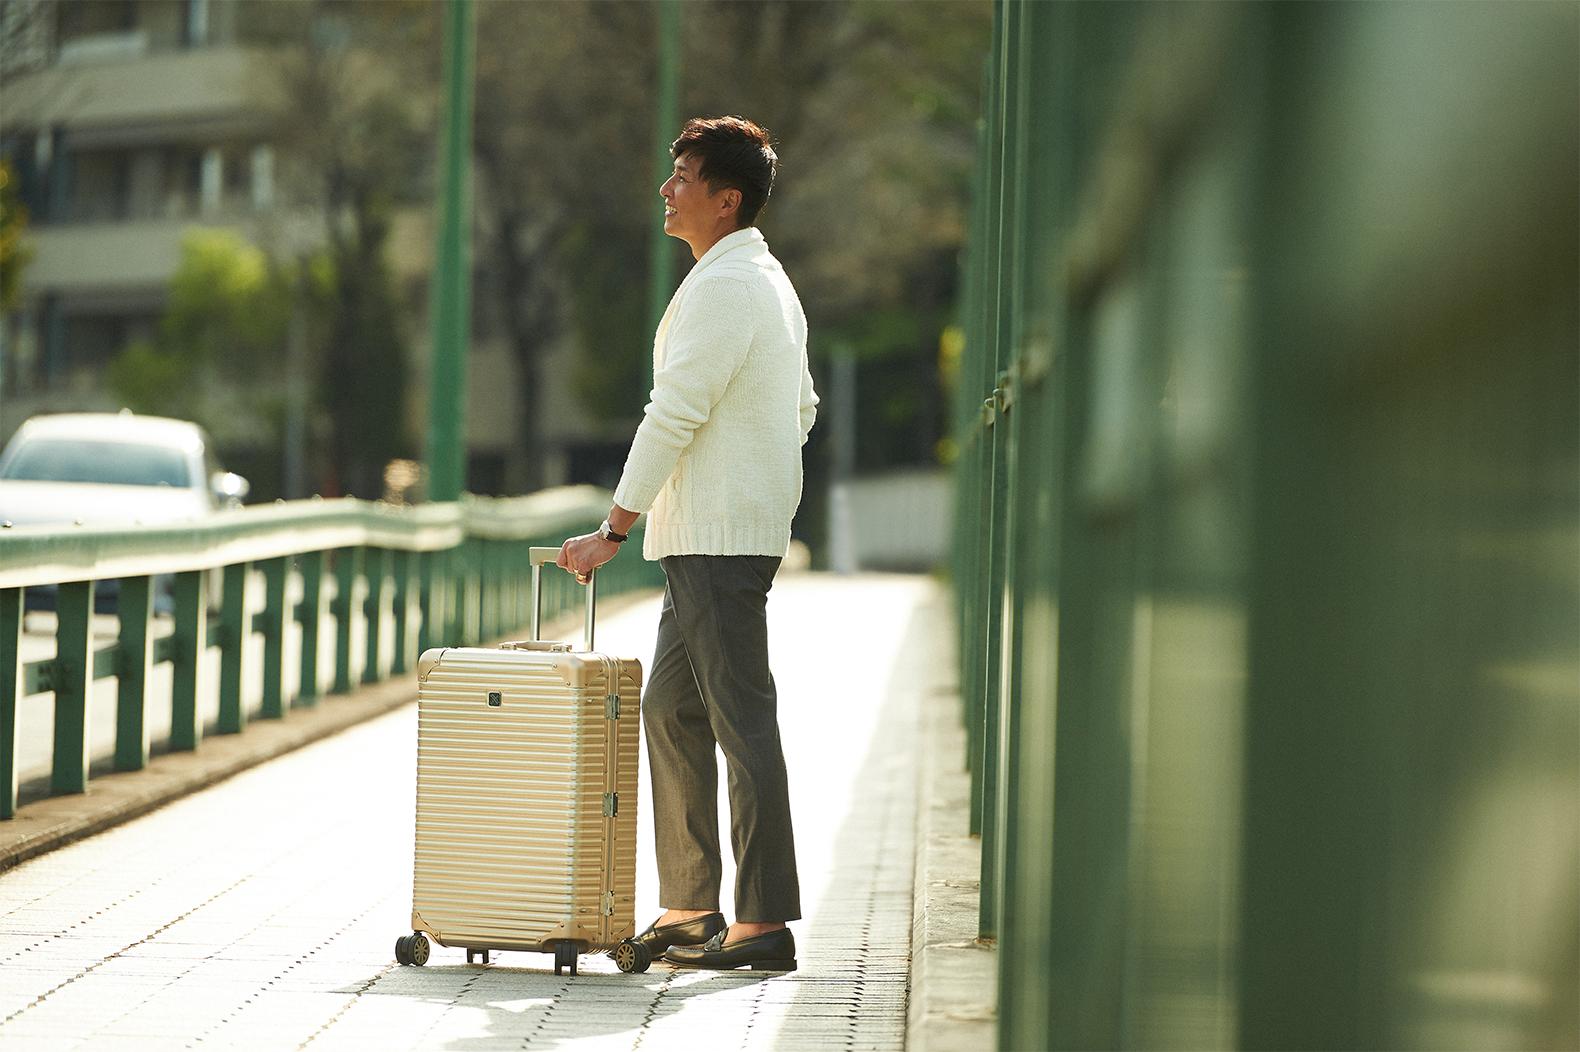 ラグジュアリーな旅に「ランツォ」 のスーツケースが似合う理由